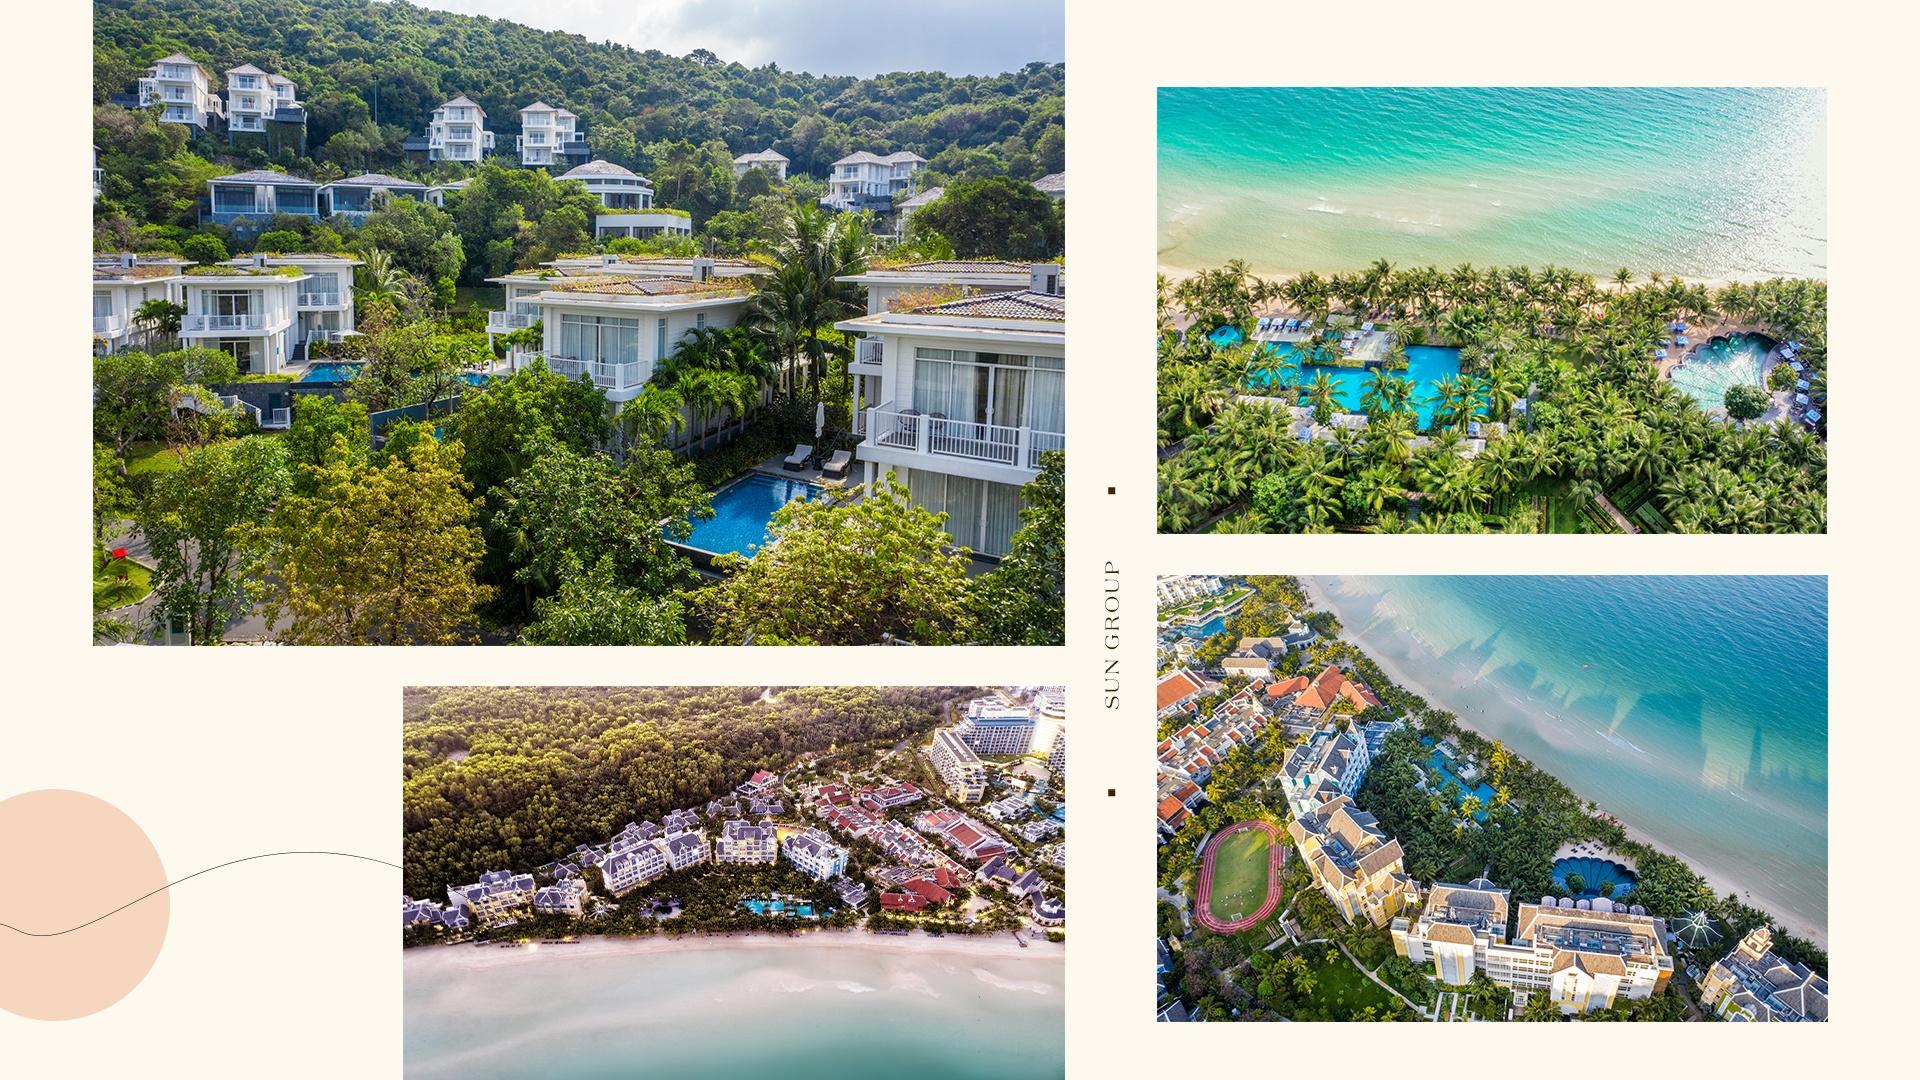 - Ghep_full_01_1 - Nhịp tăng trưởng mới của nam Phú Quốc